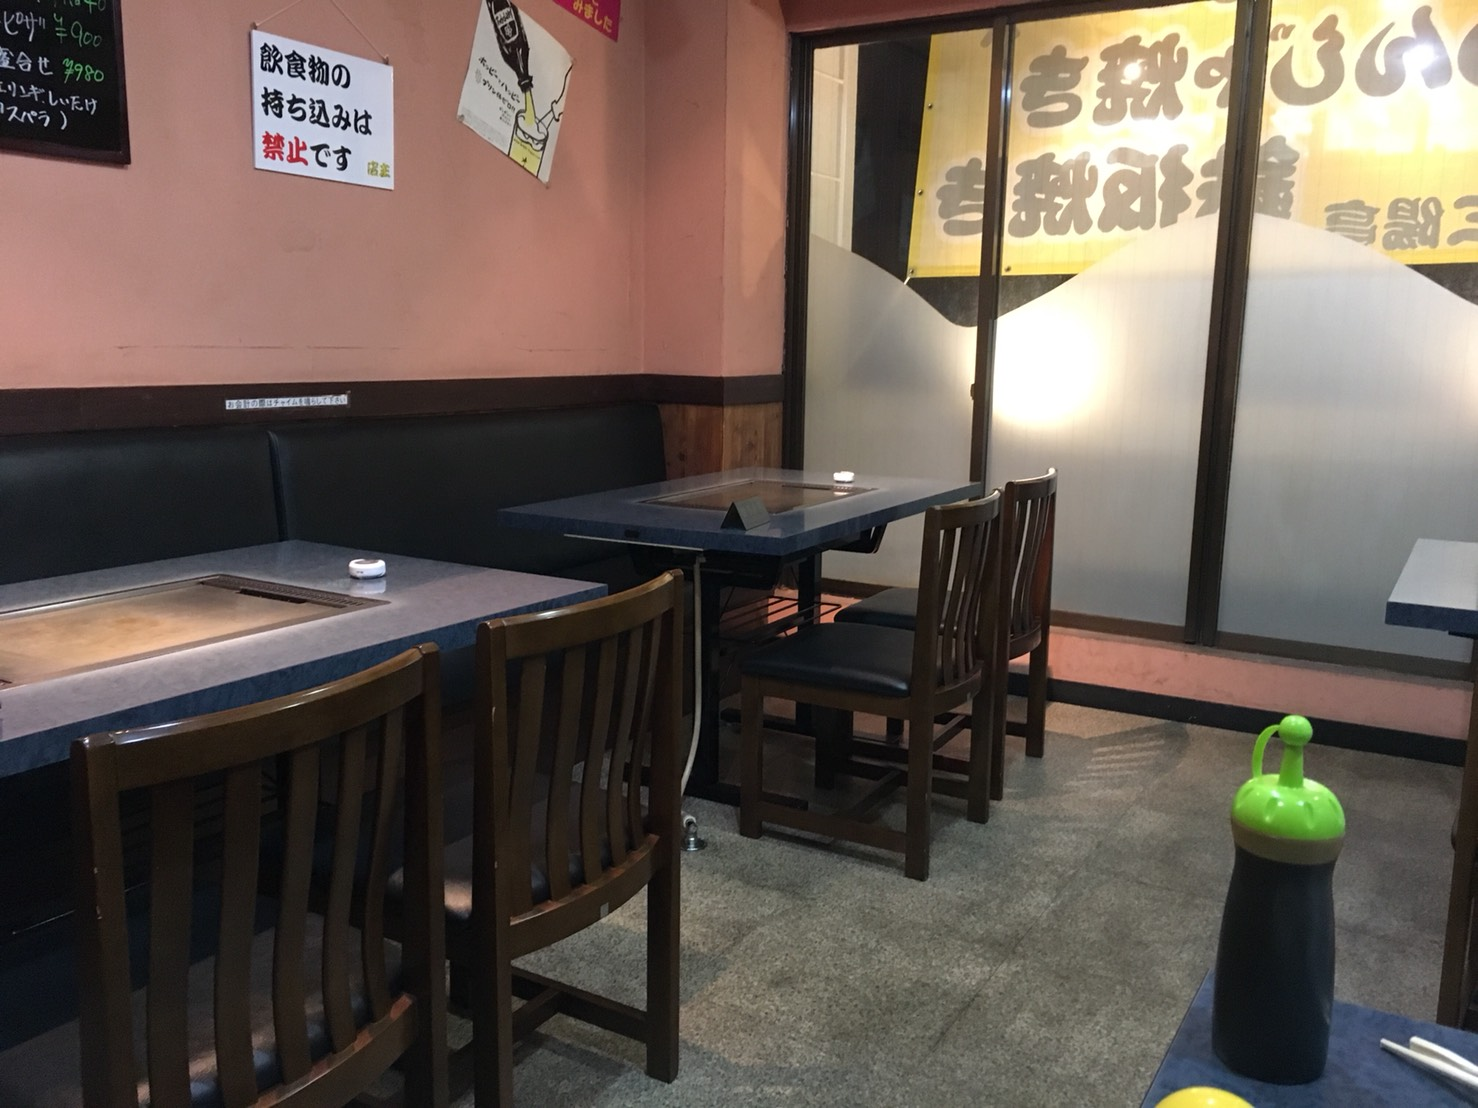 【大塚駅】あと一踏ん張り?寒々しい店内が少しさみしいお好み焼き・もんじゃ焼き「三陽亭」の店内